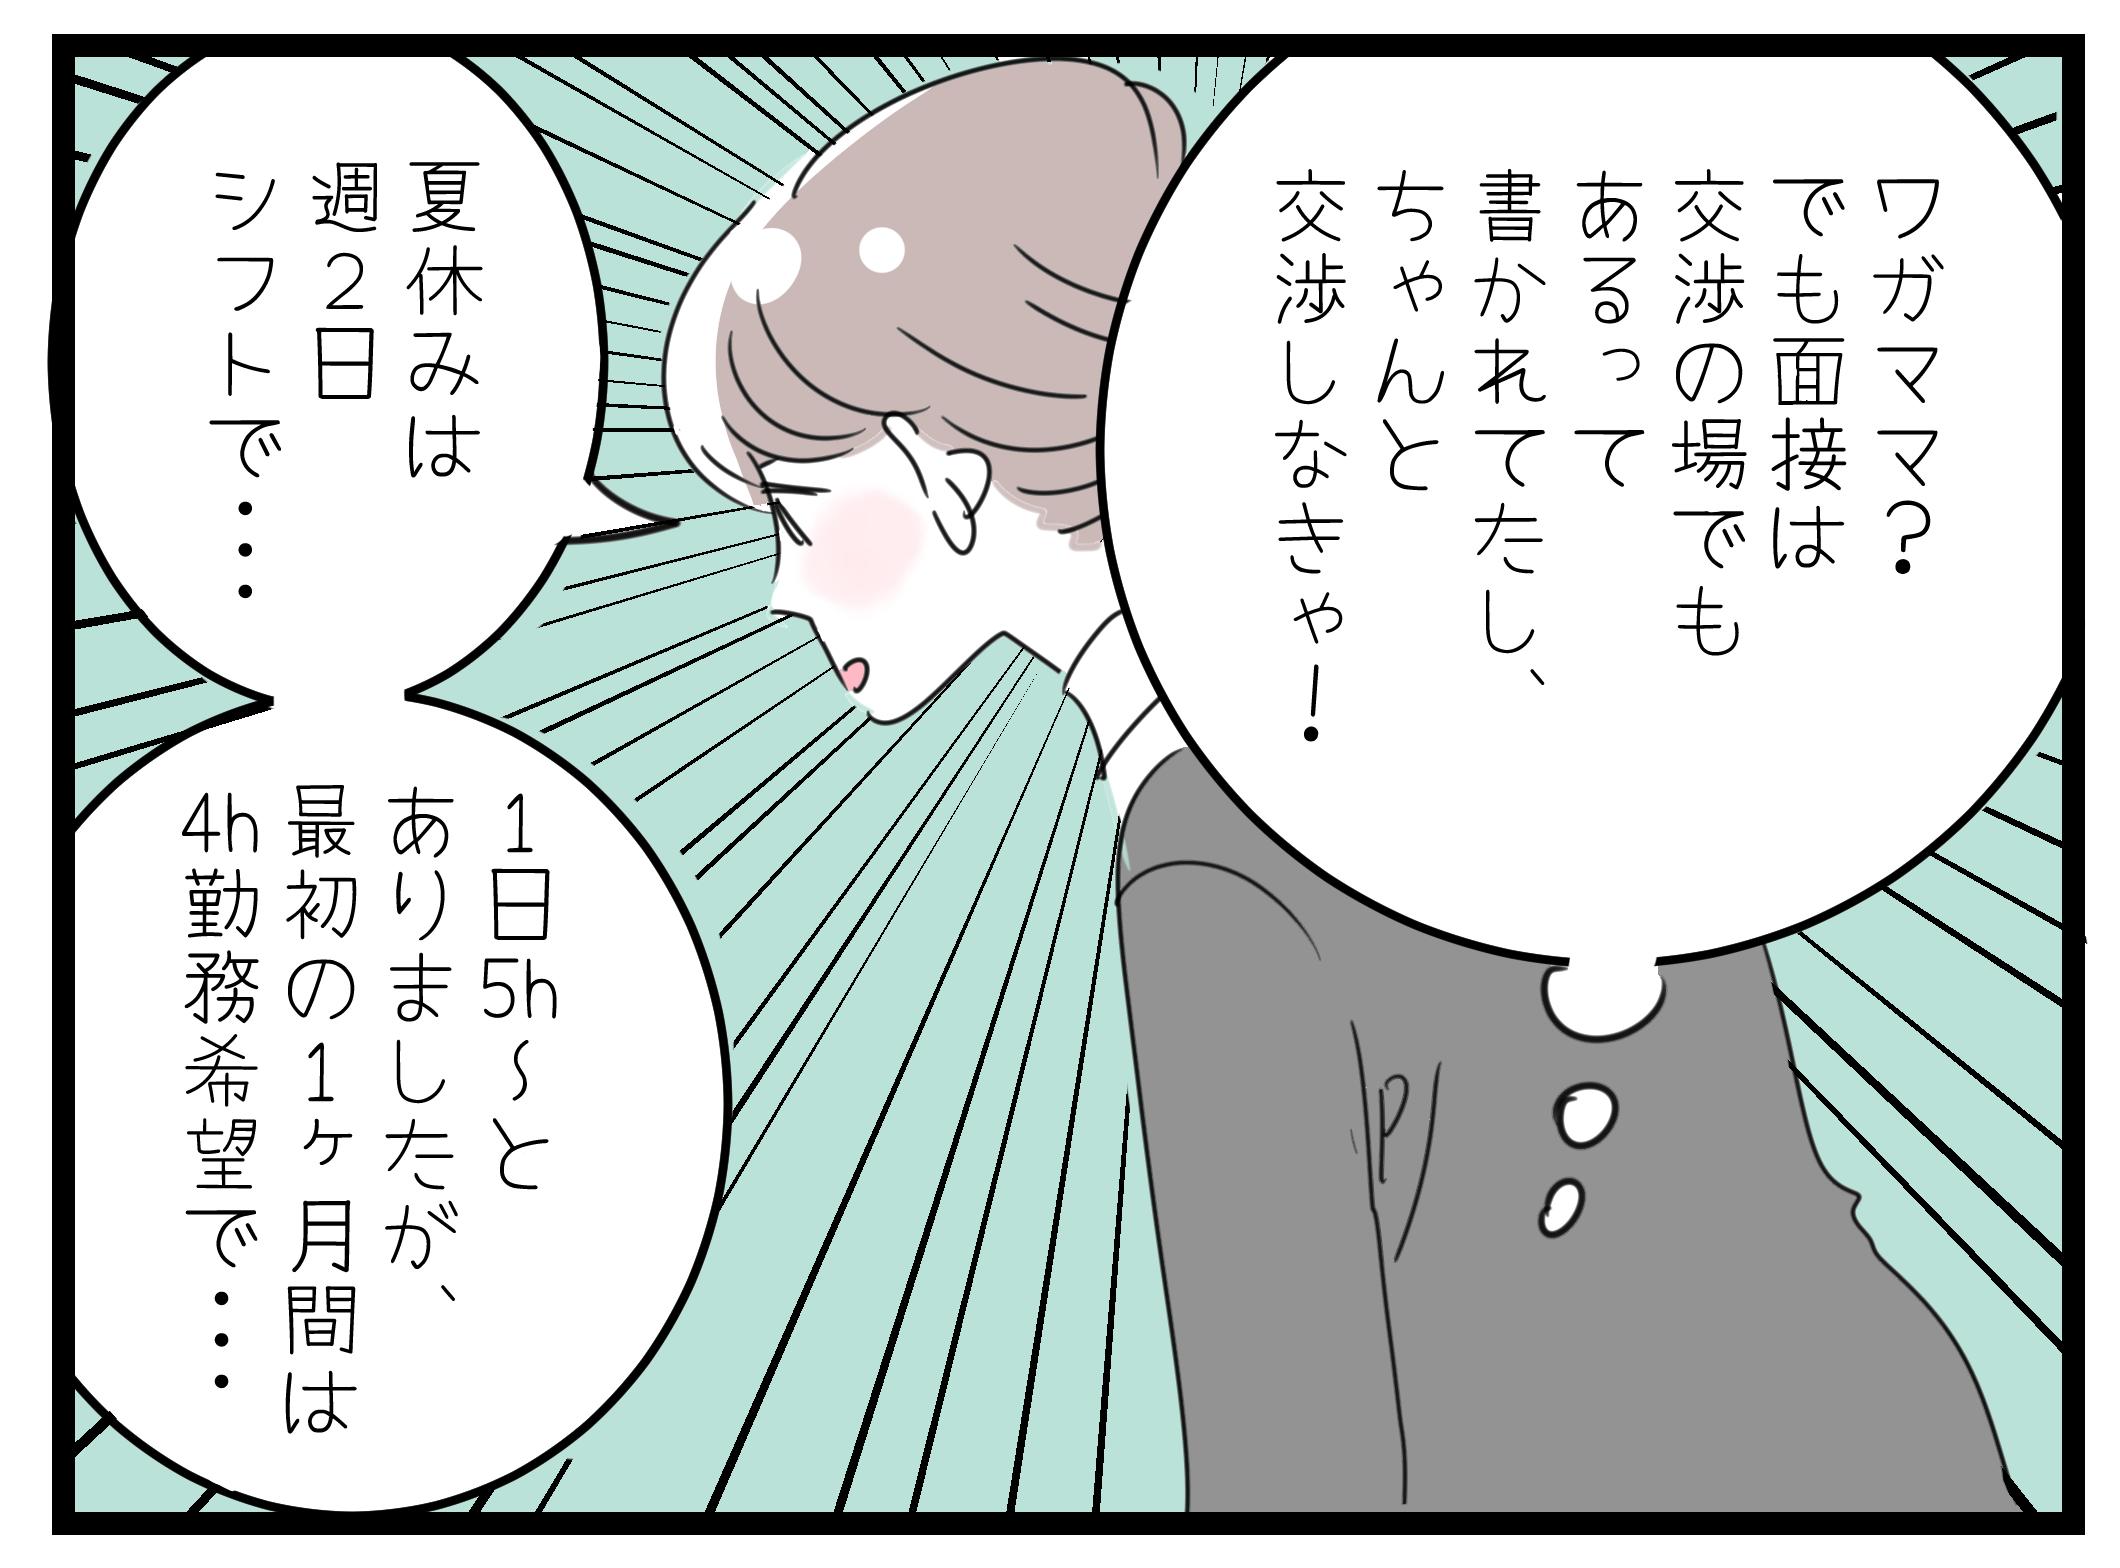 【第6話】ブランク10年目の挑戦~アラフォーママ、初めての転職~